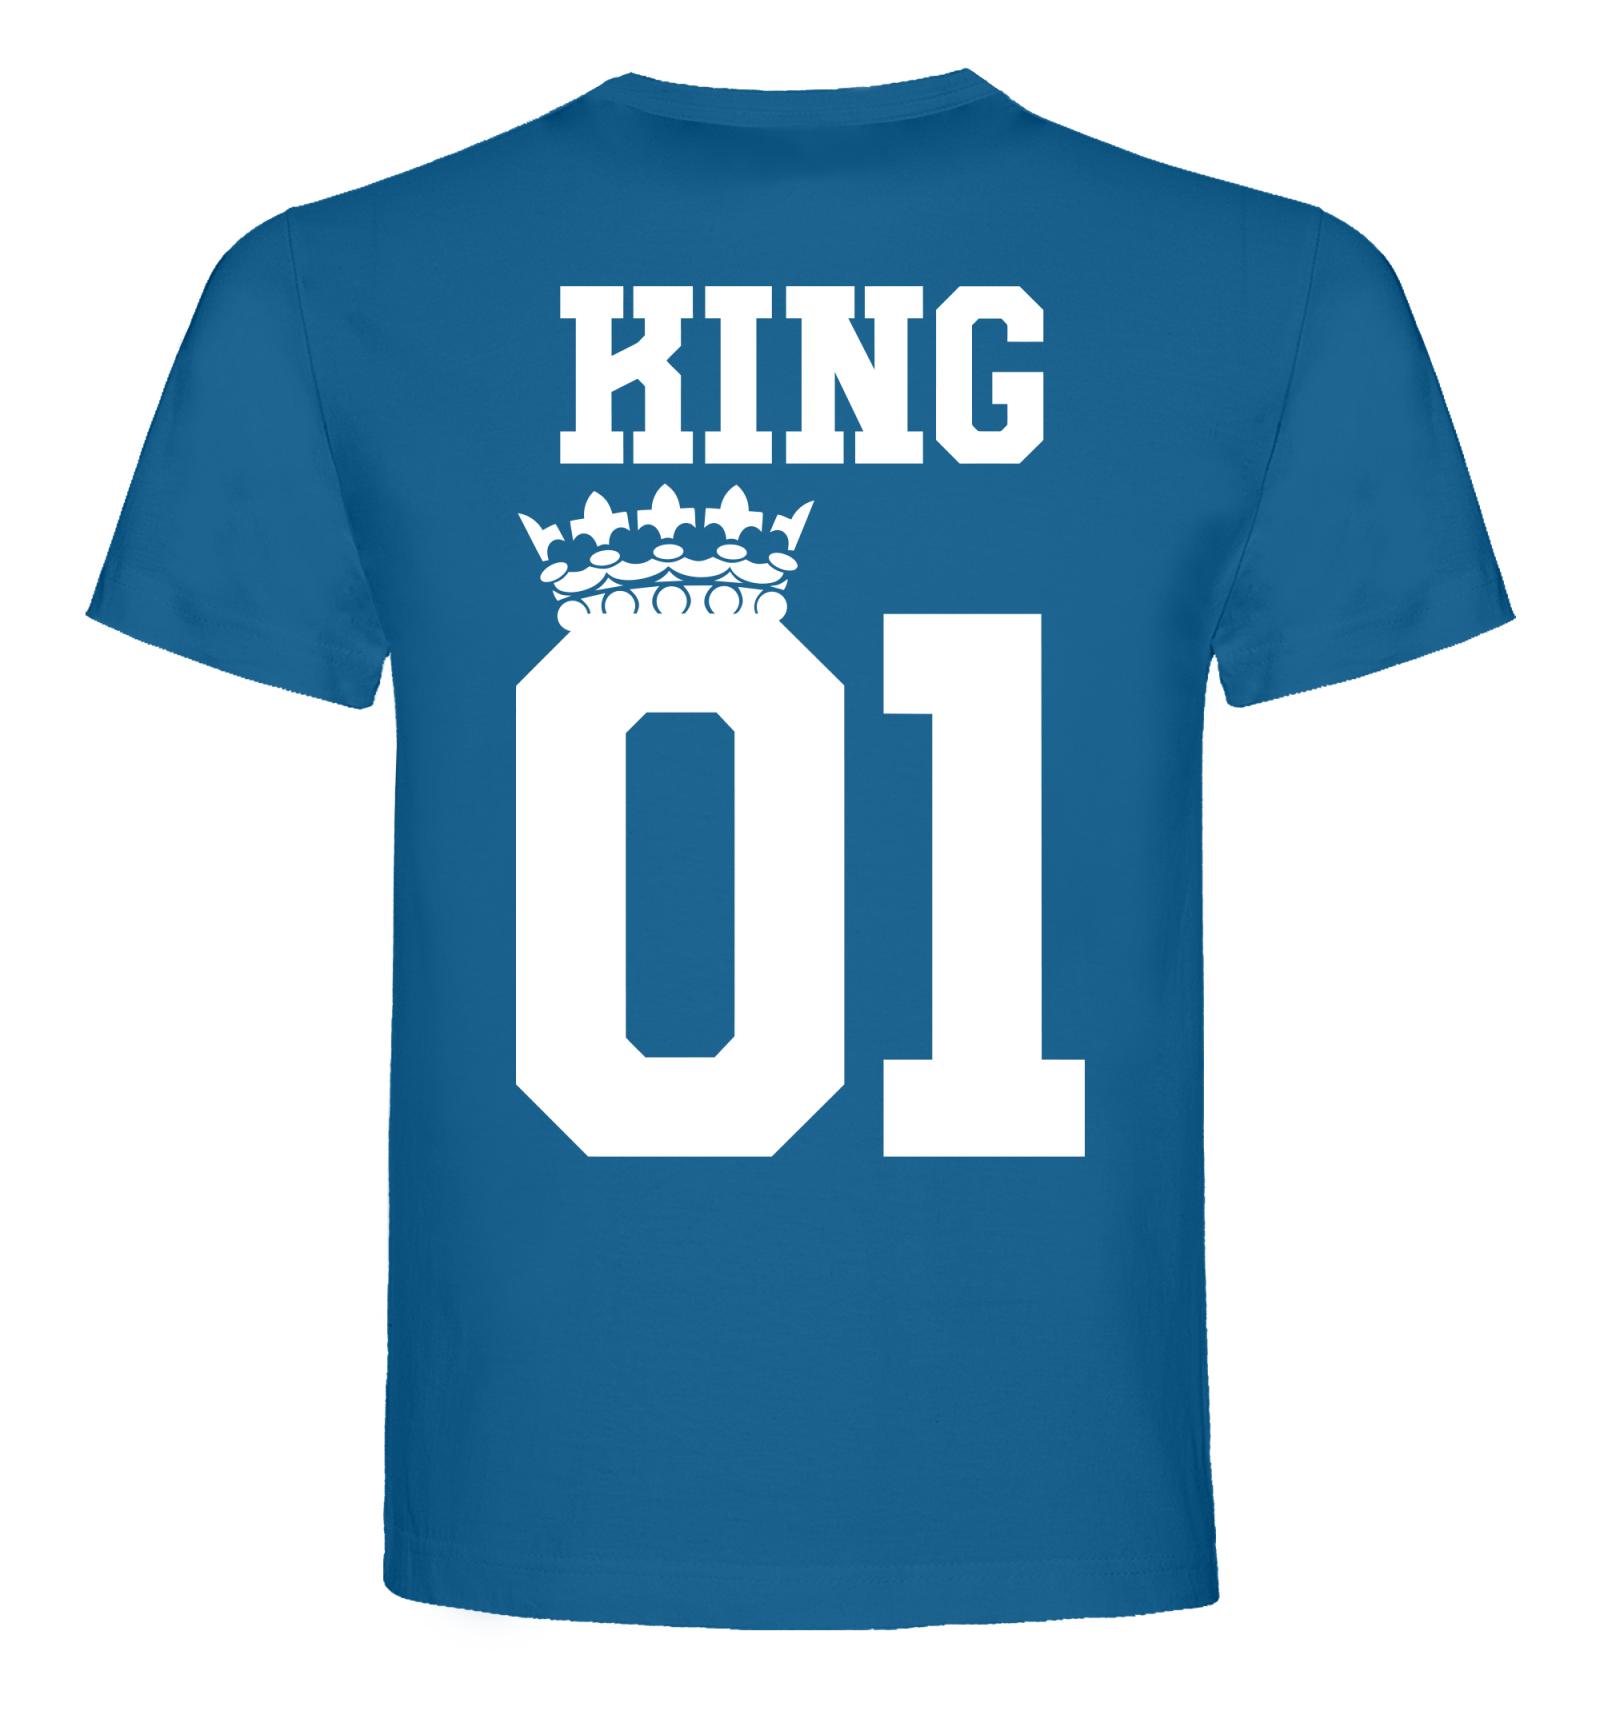 046e84d463b3 Pánské tričko KING 01 - BVTRIKO